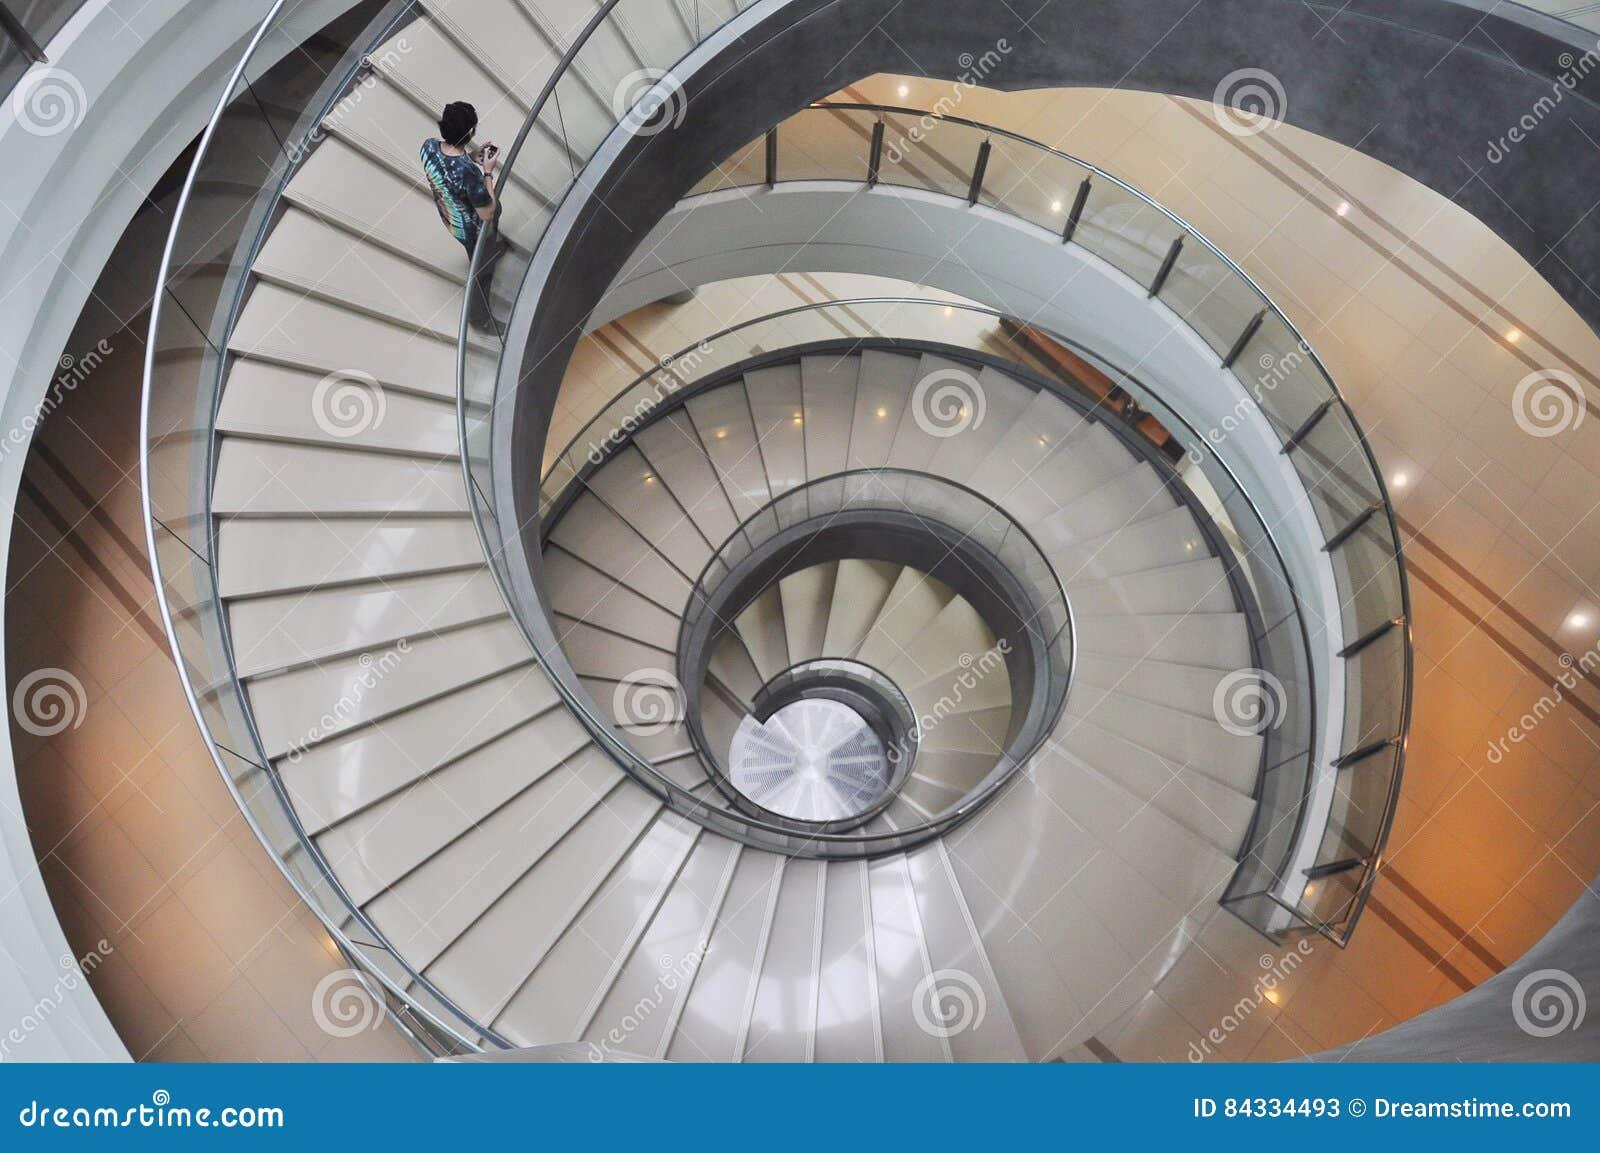 edificio escalera espiral